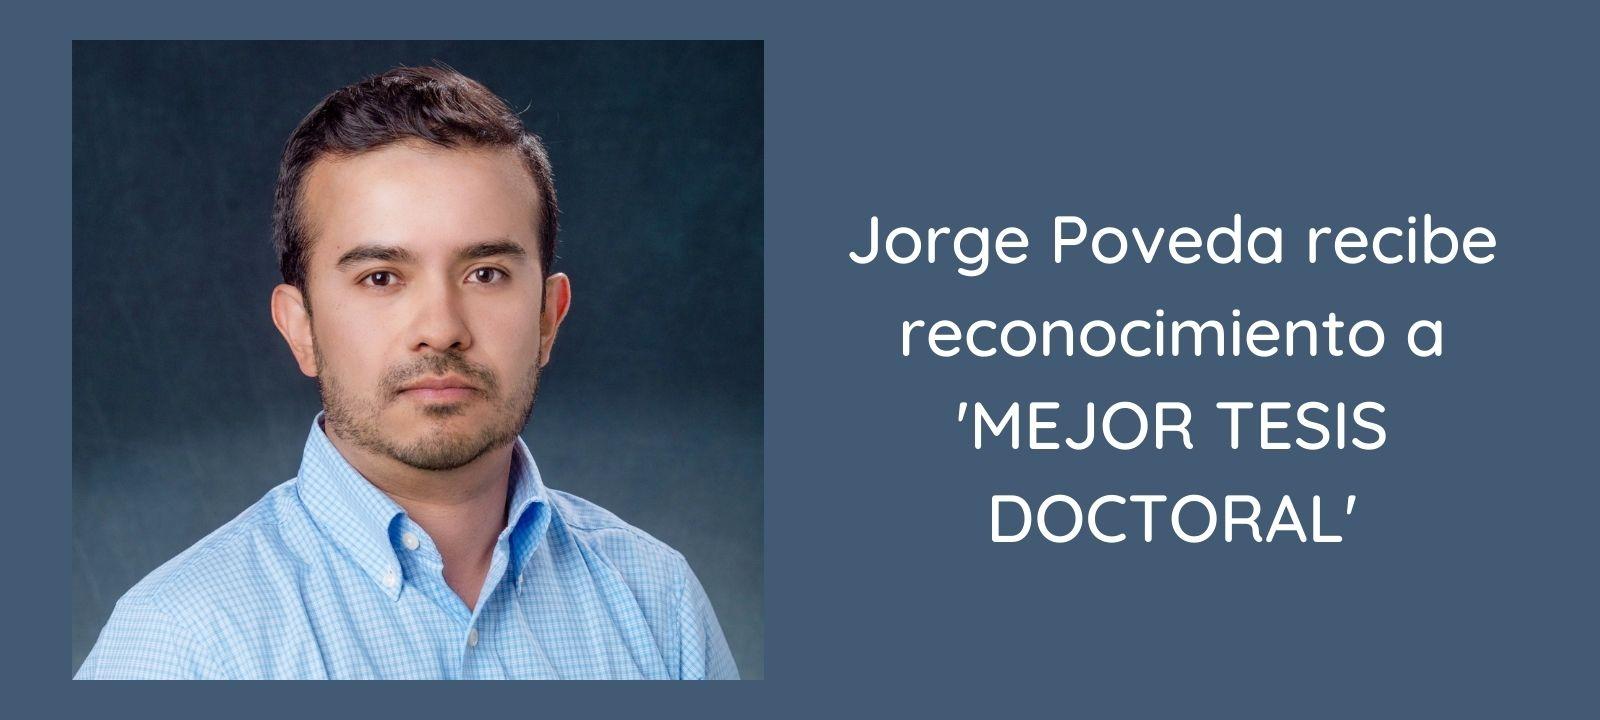 Jorge Poveda